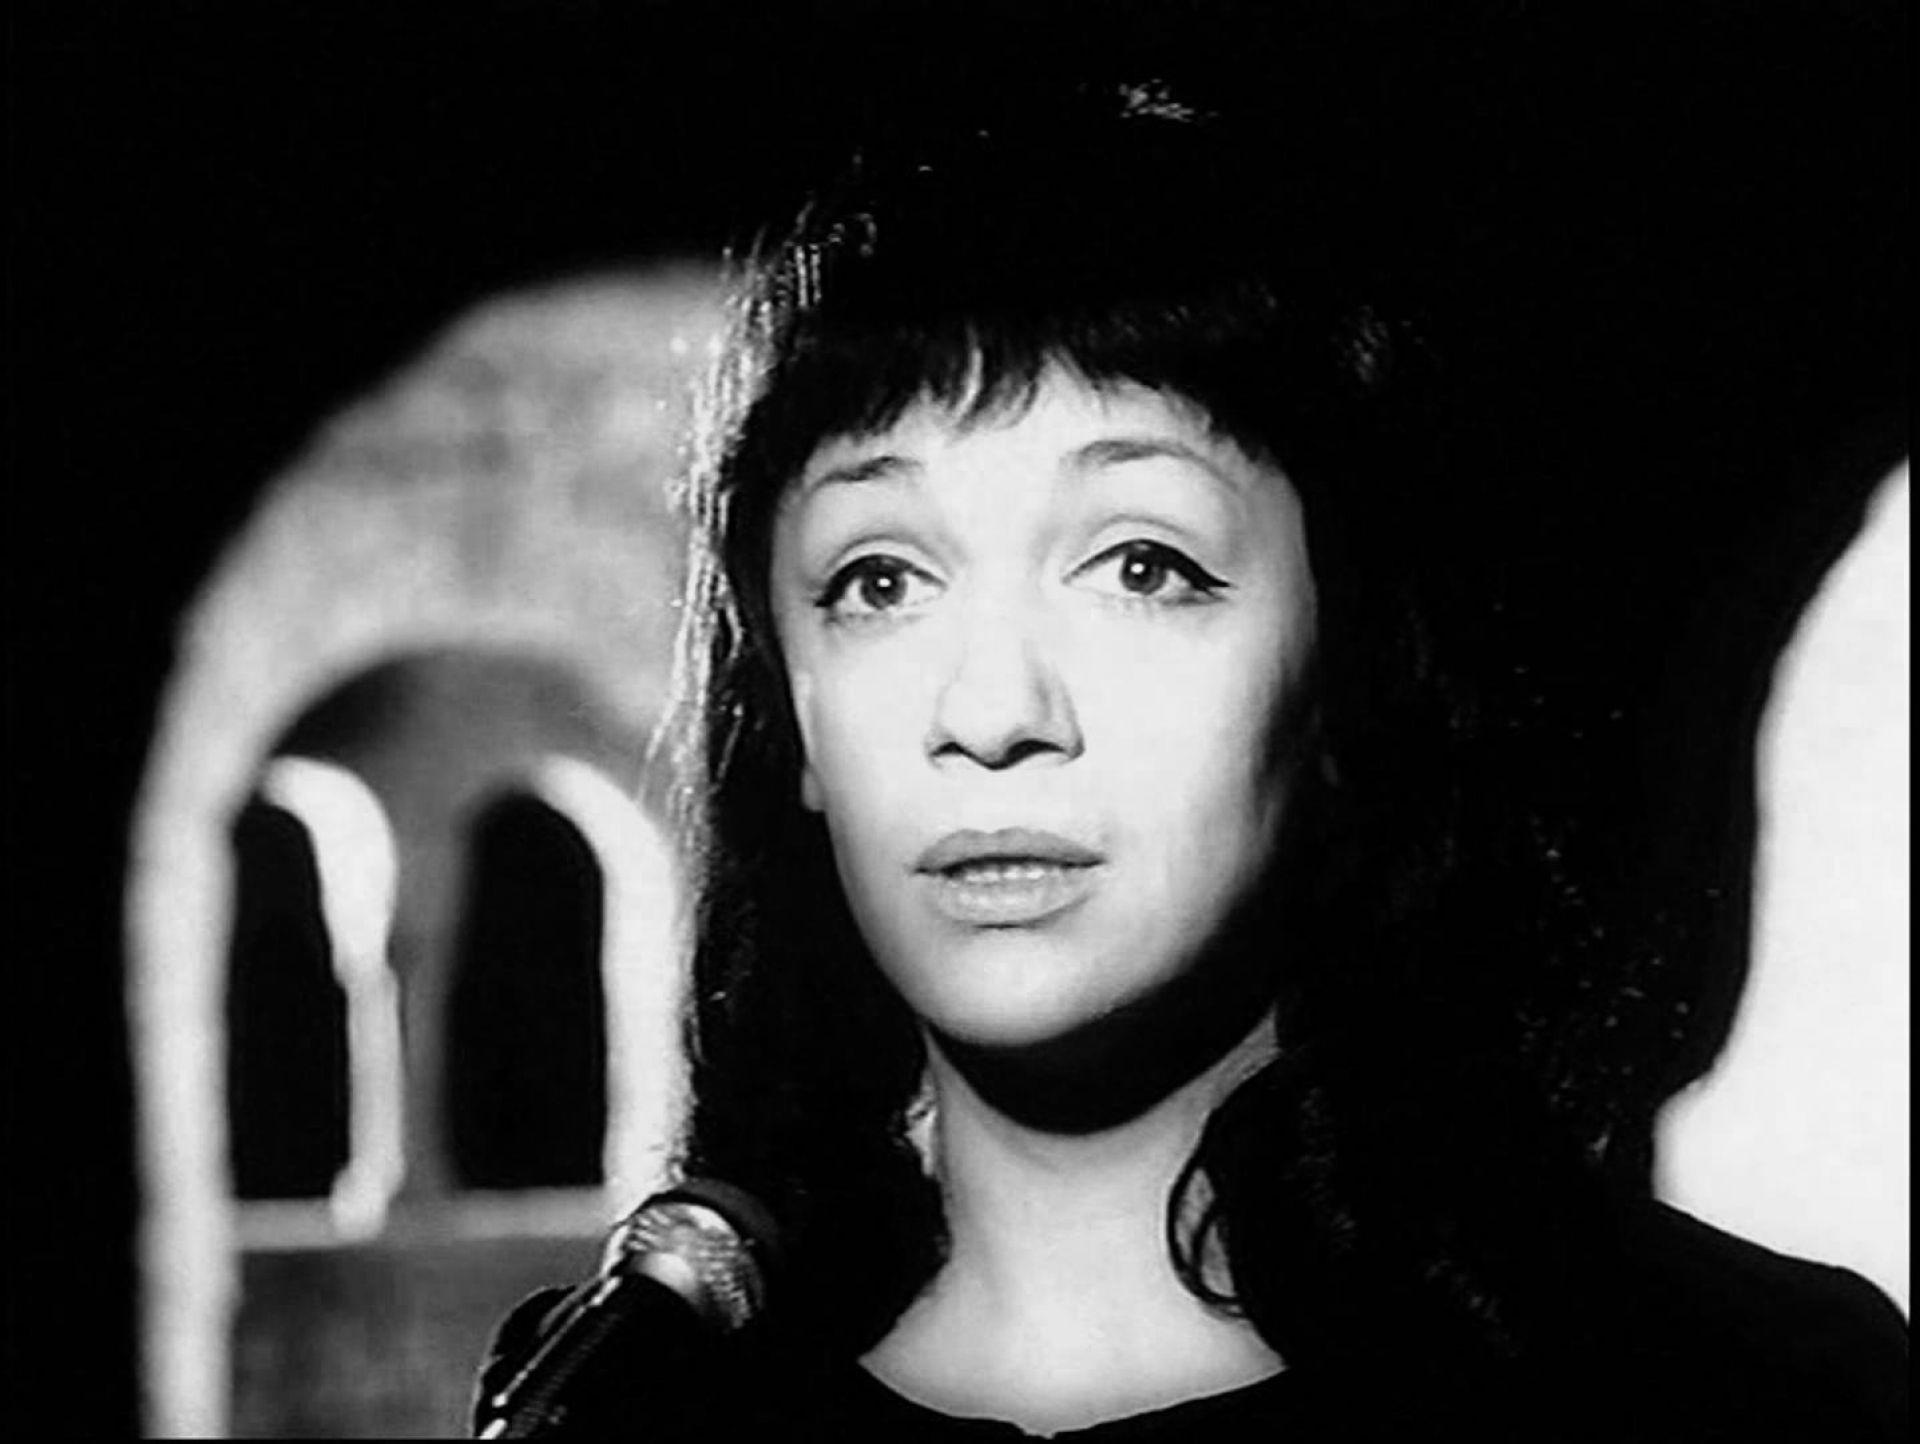 Na zdjeciu widzimy czarno bialy portret mlodej kobiety